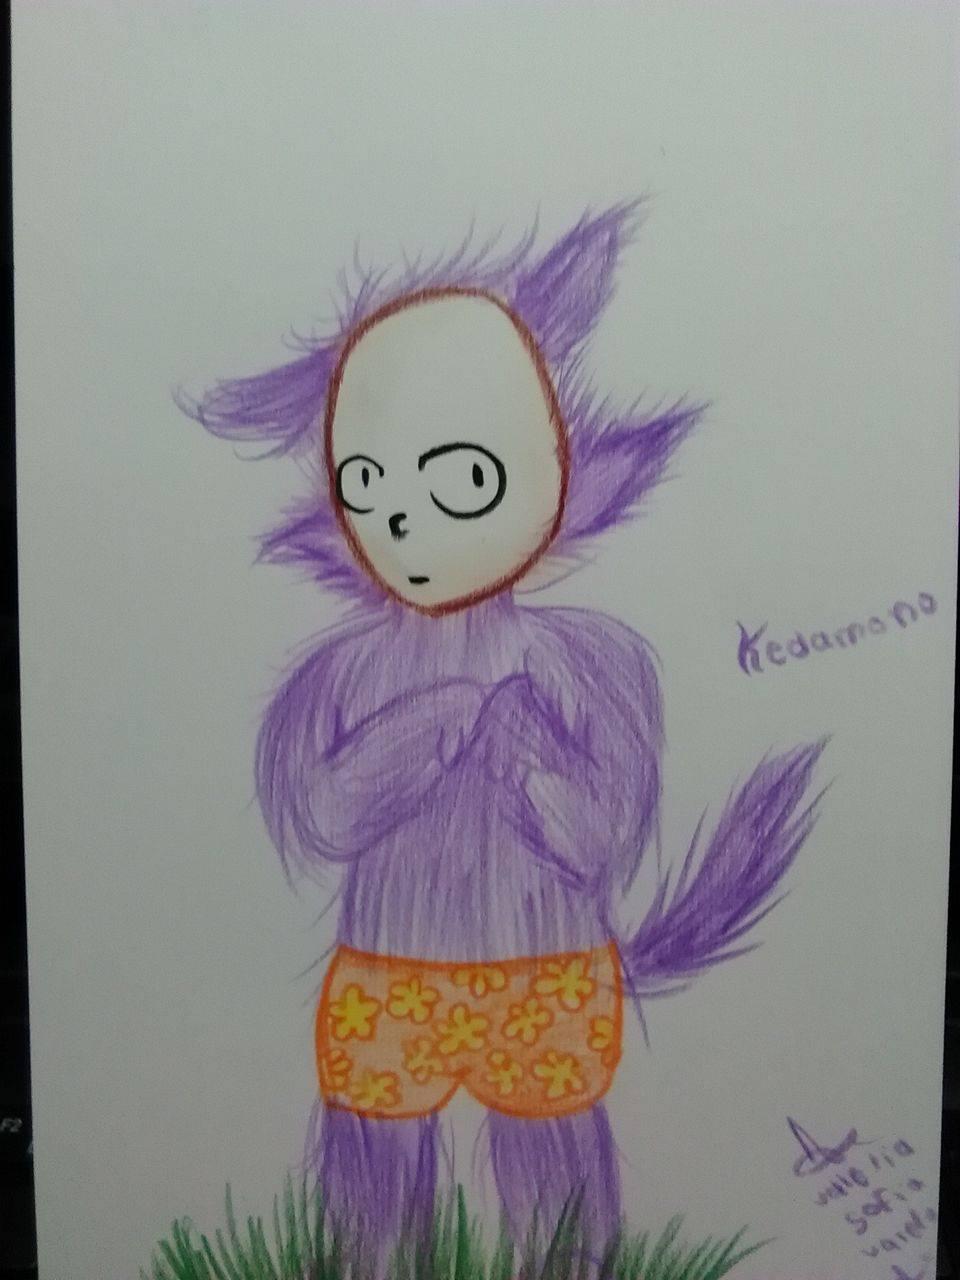 kedamono by ValeChY